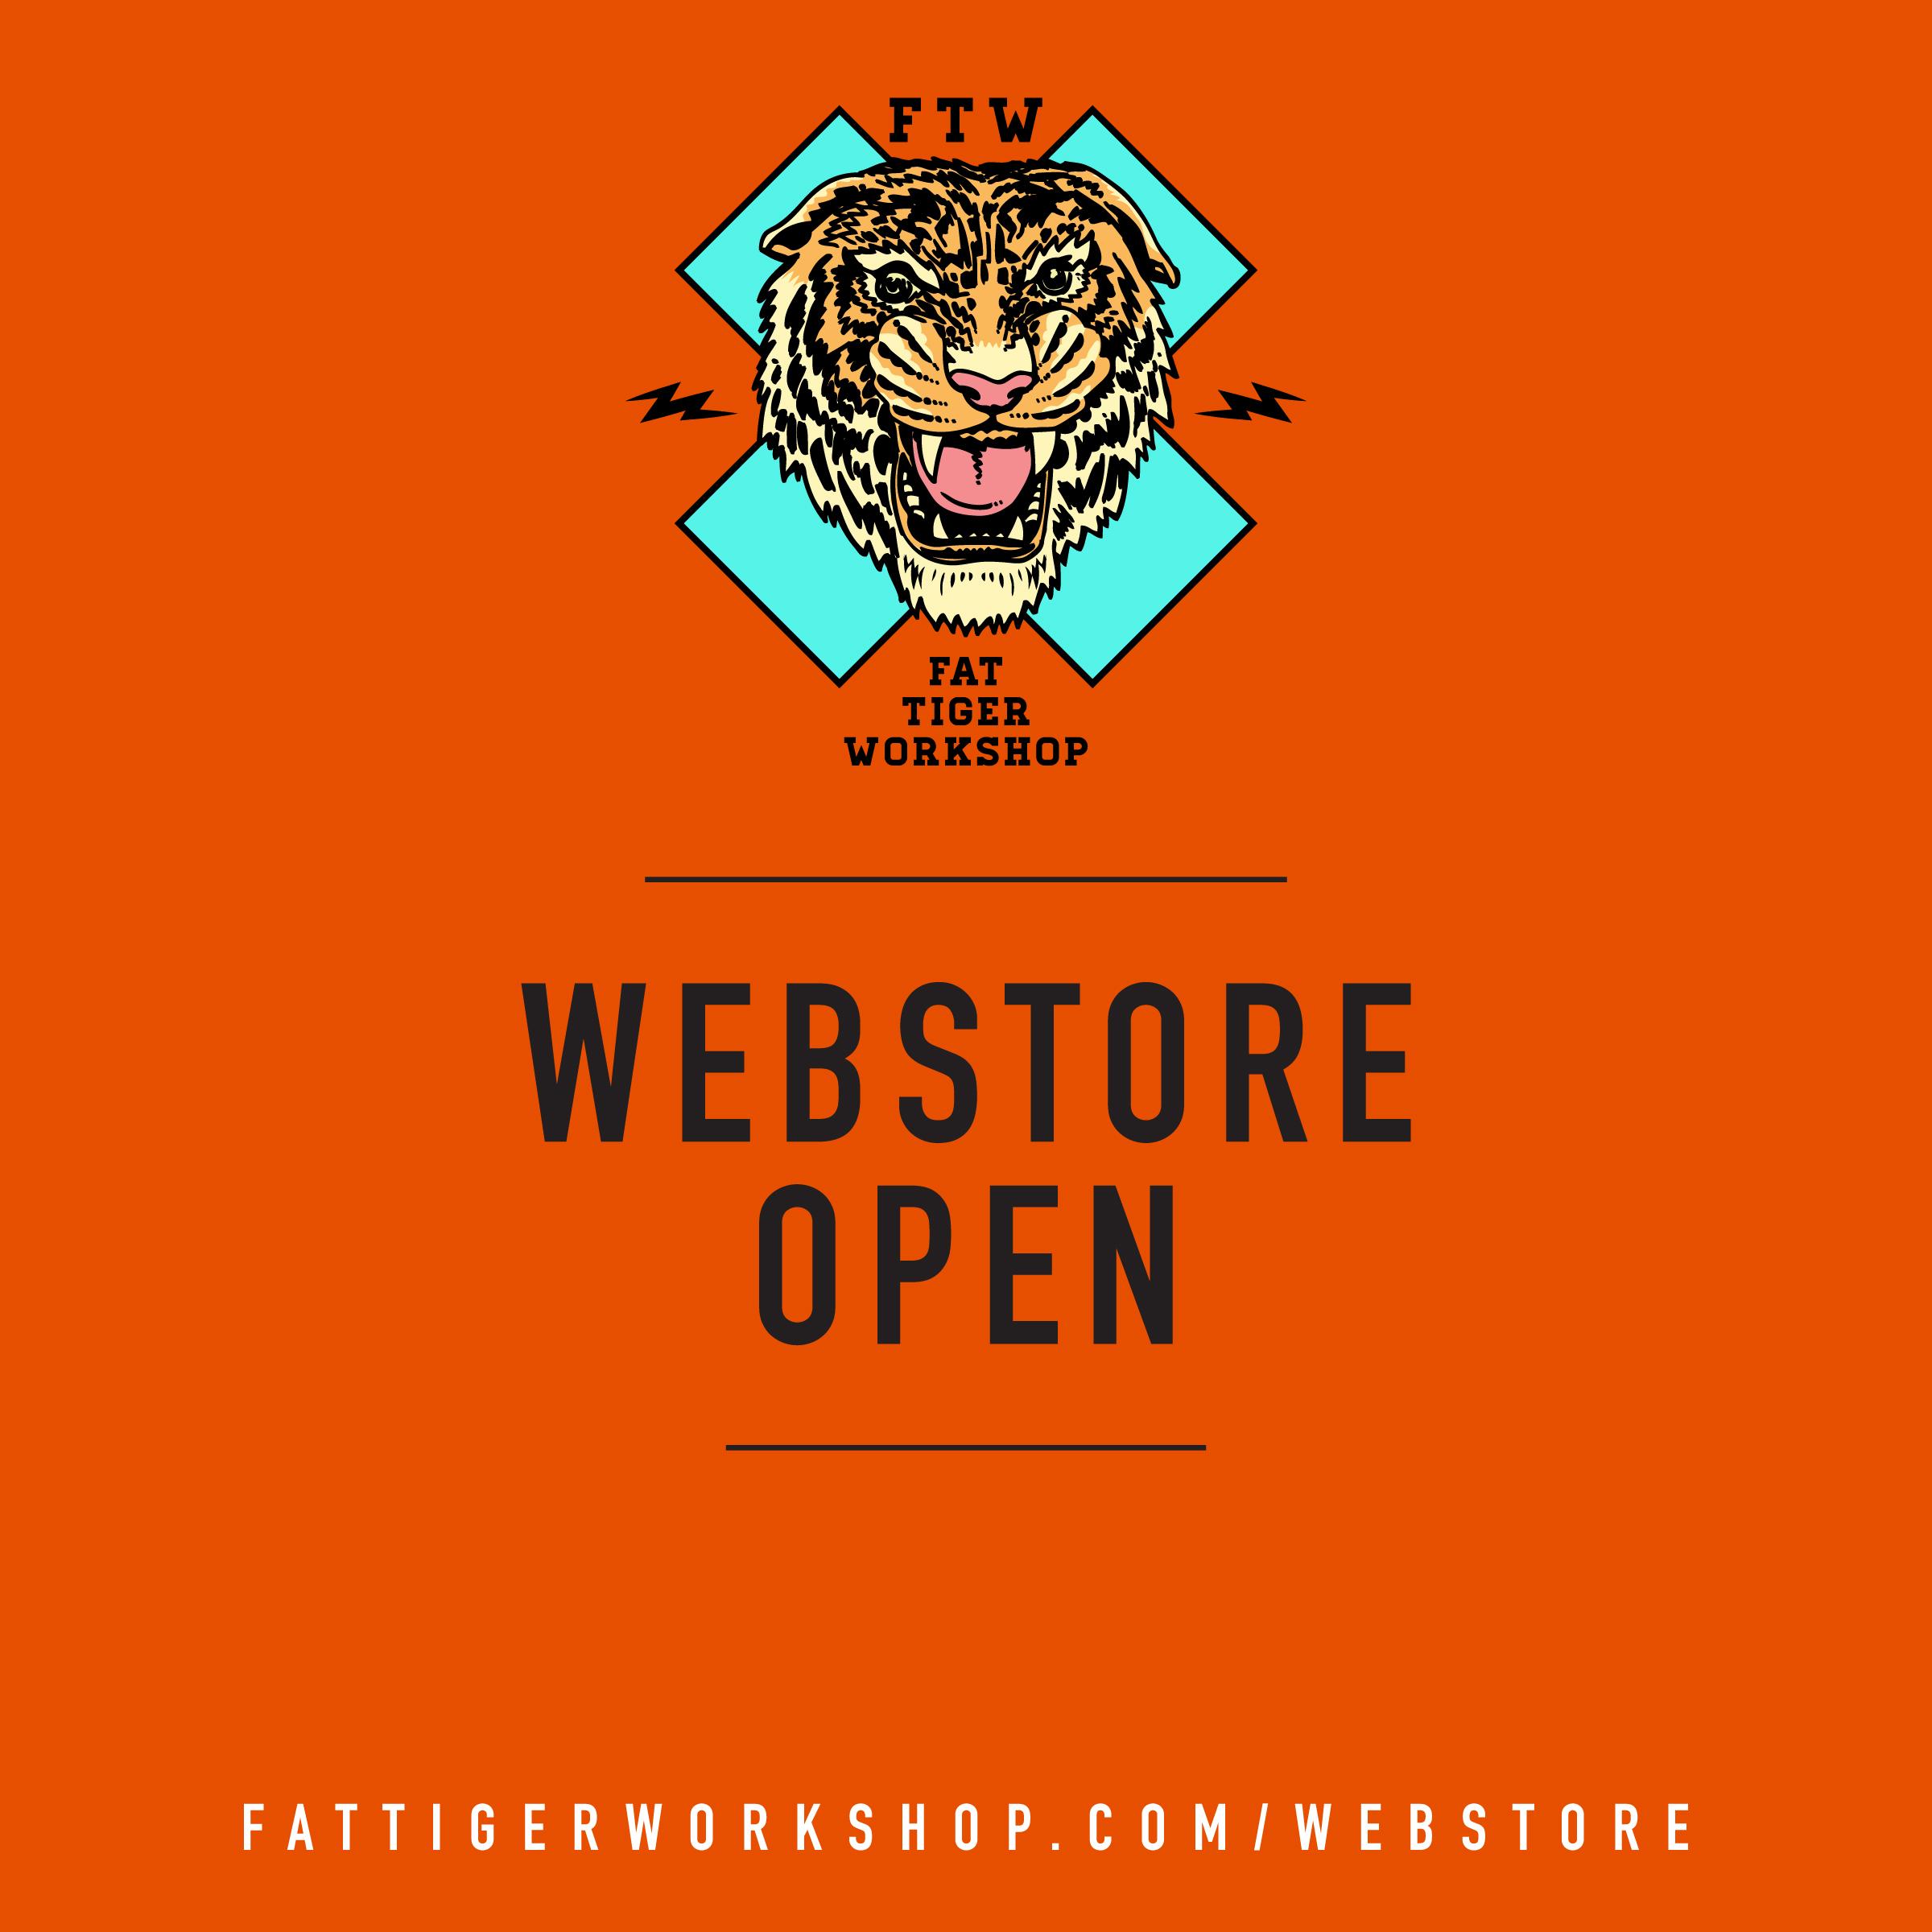 webstore-open.jpg